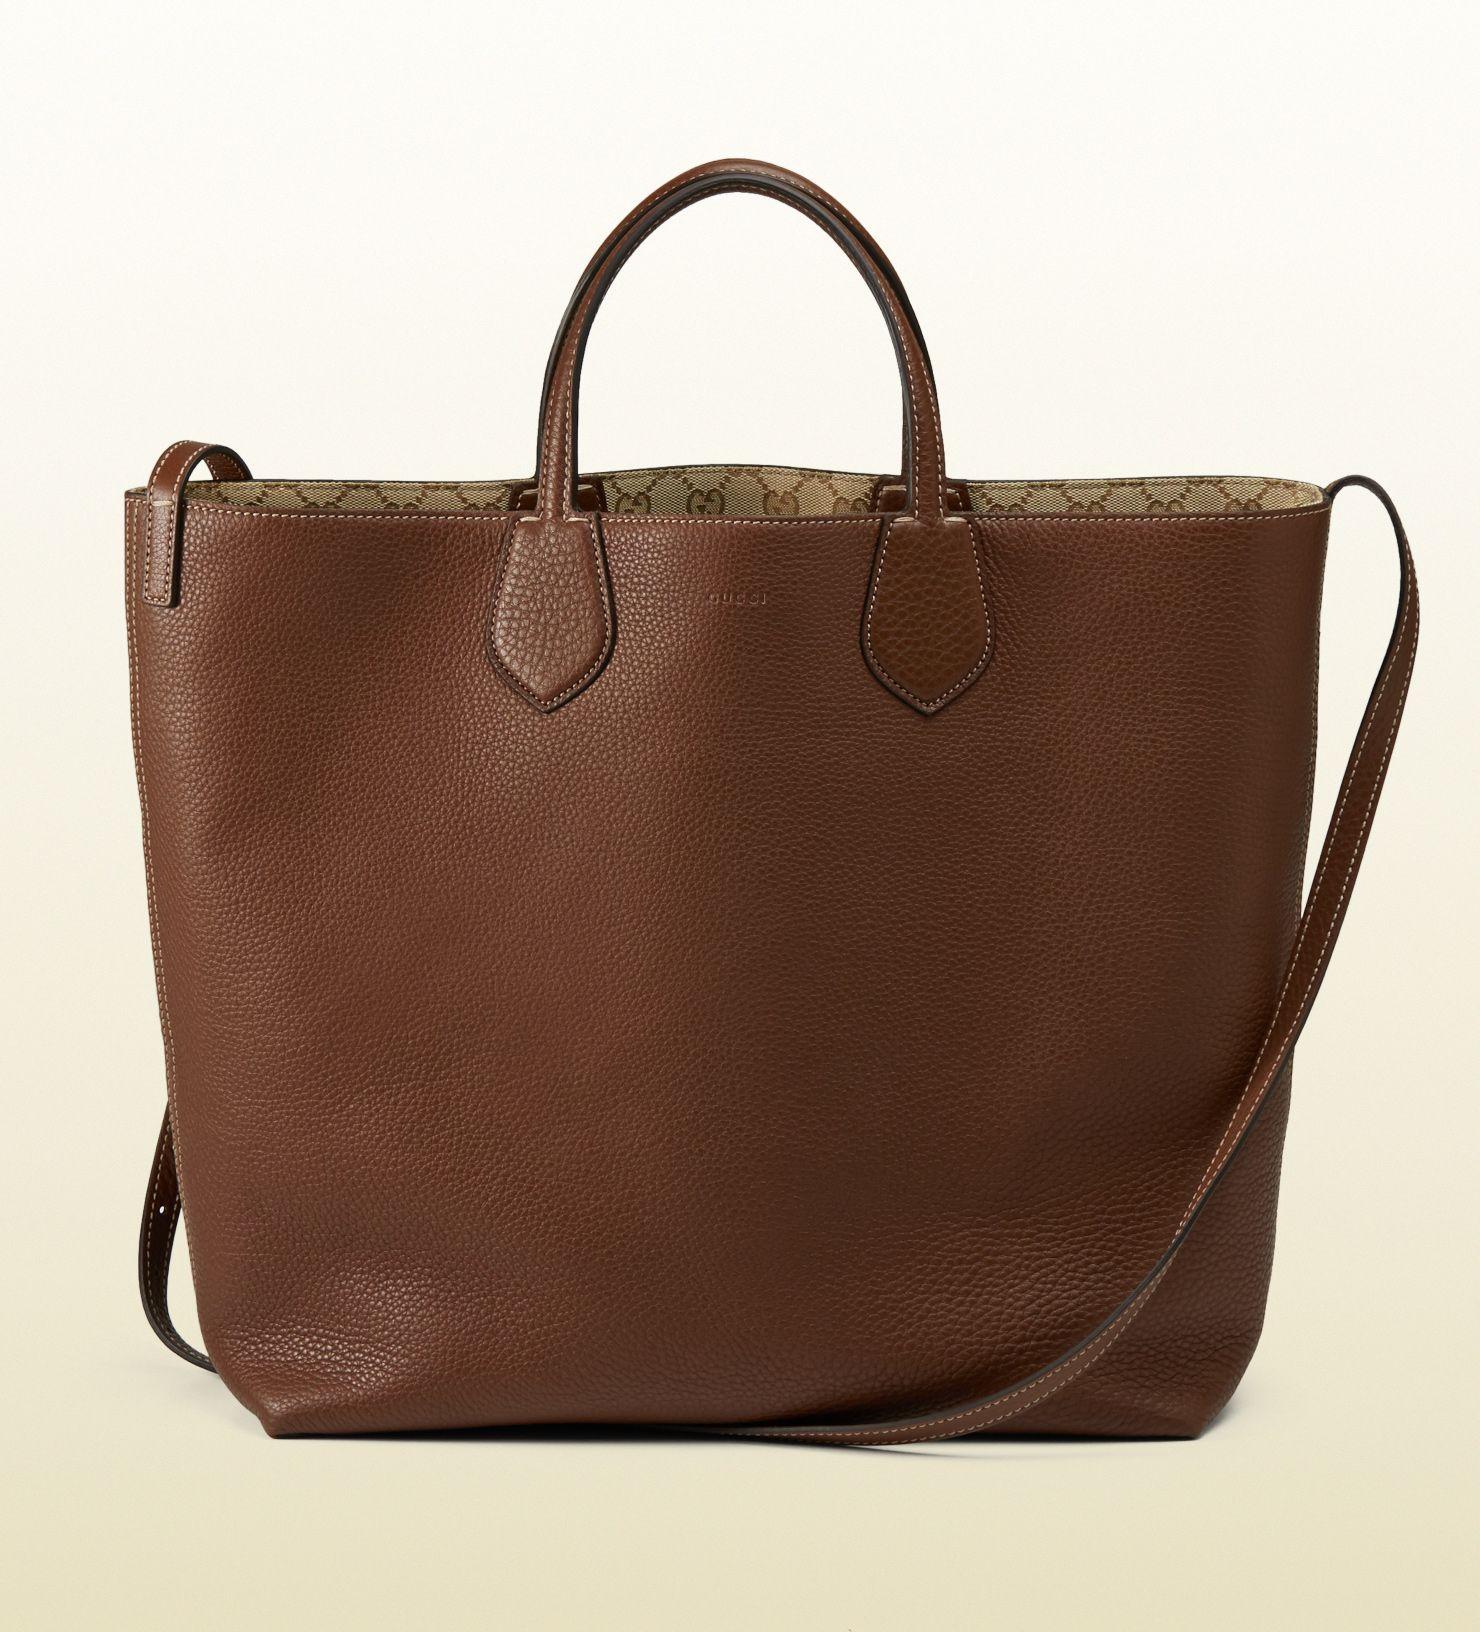 3e5e75e68c6e gucci ramble reversible leather and original GG canvas tote | GET A ...